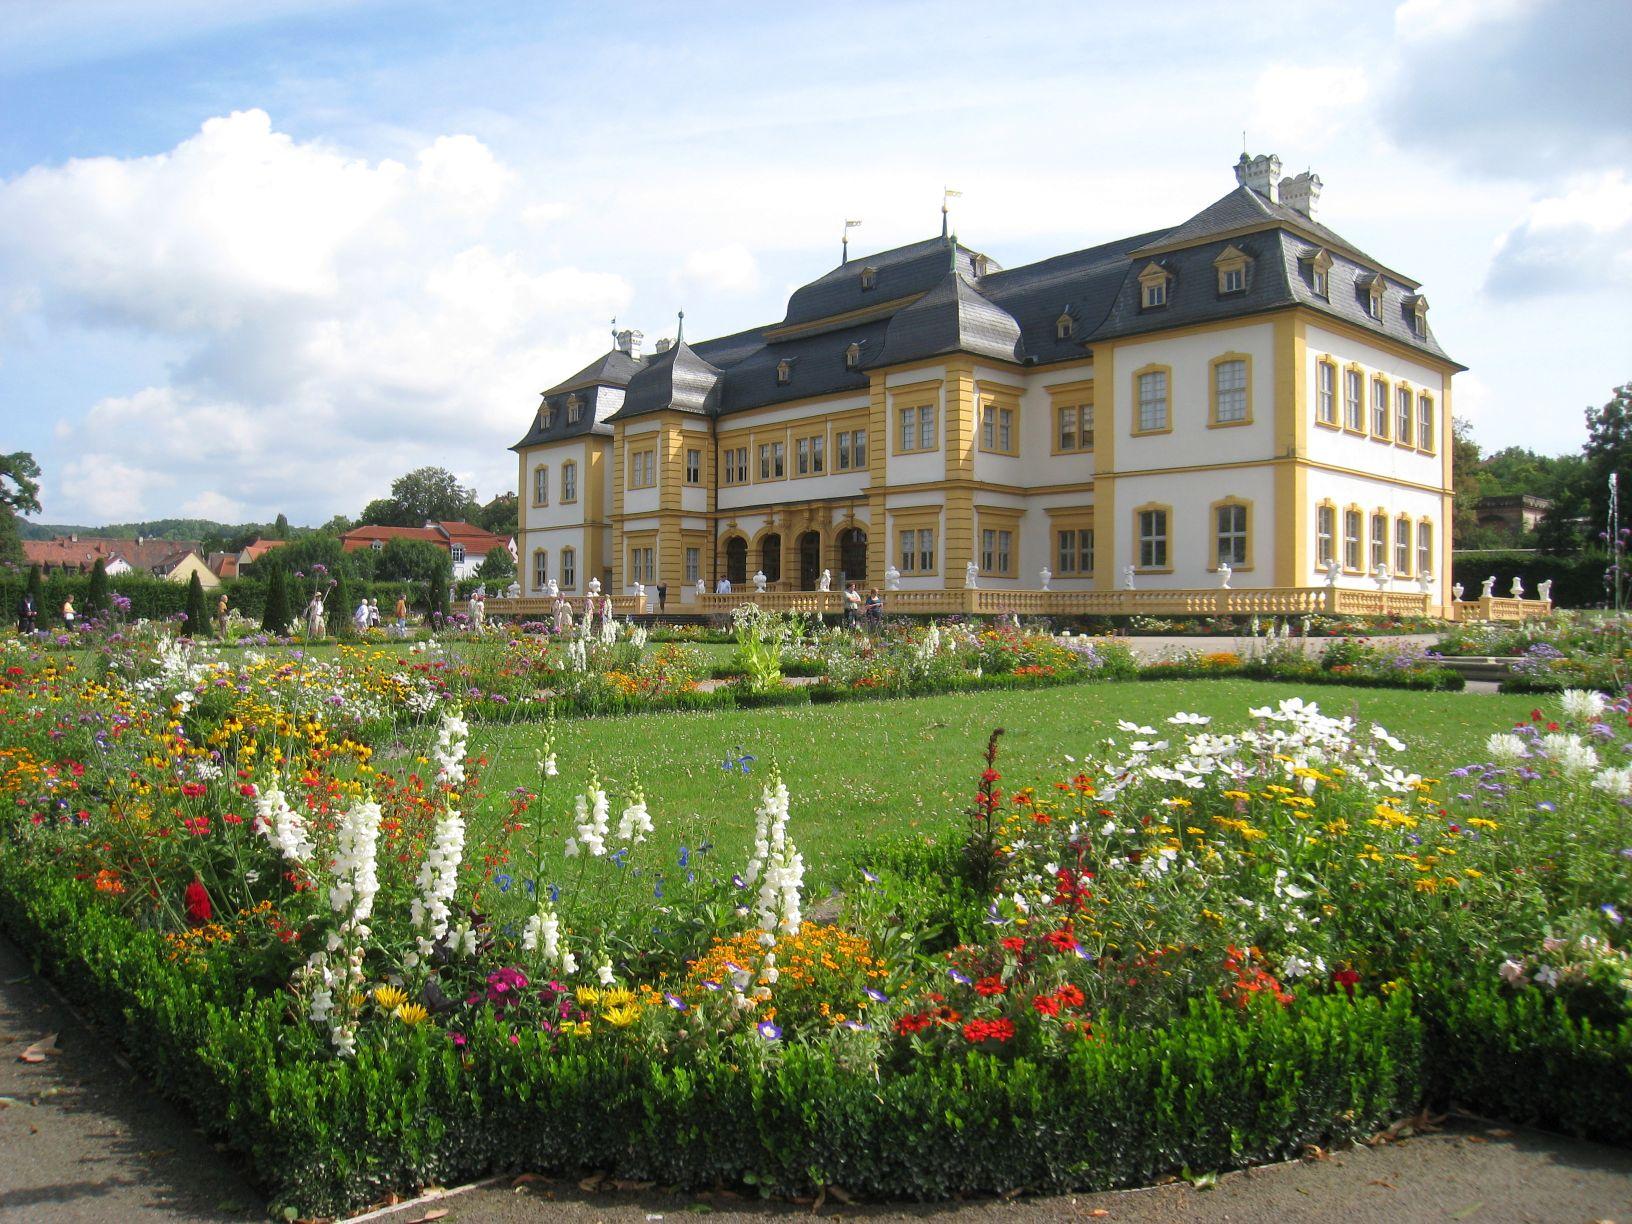 veitshöchheim-summer-palace